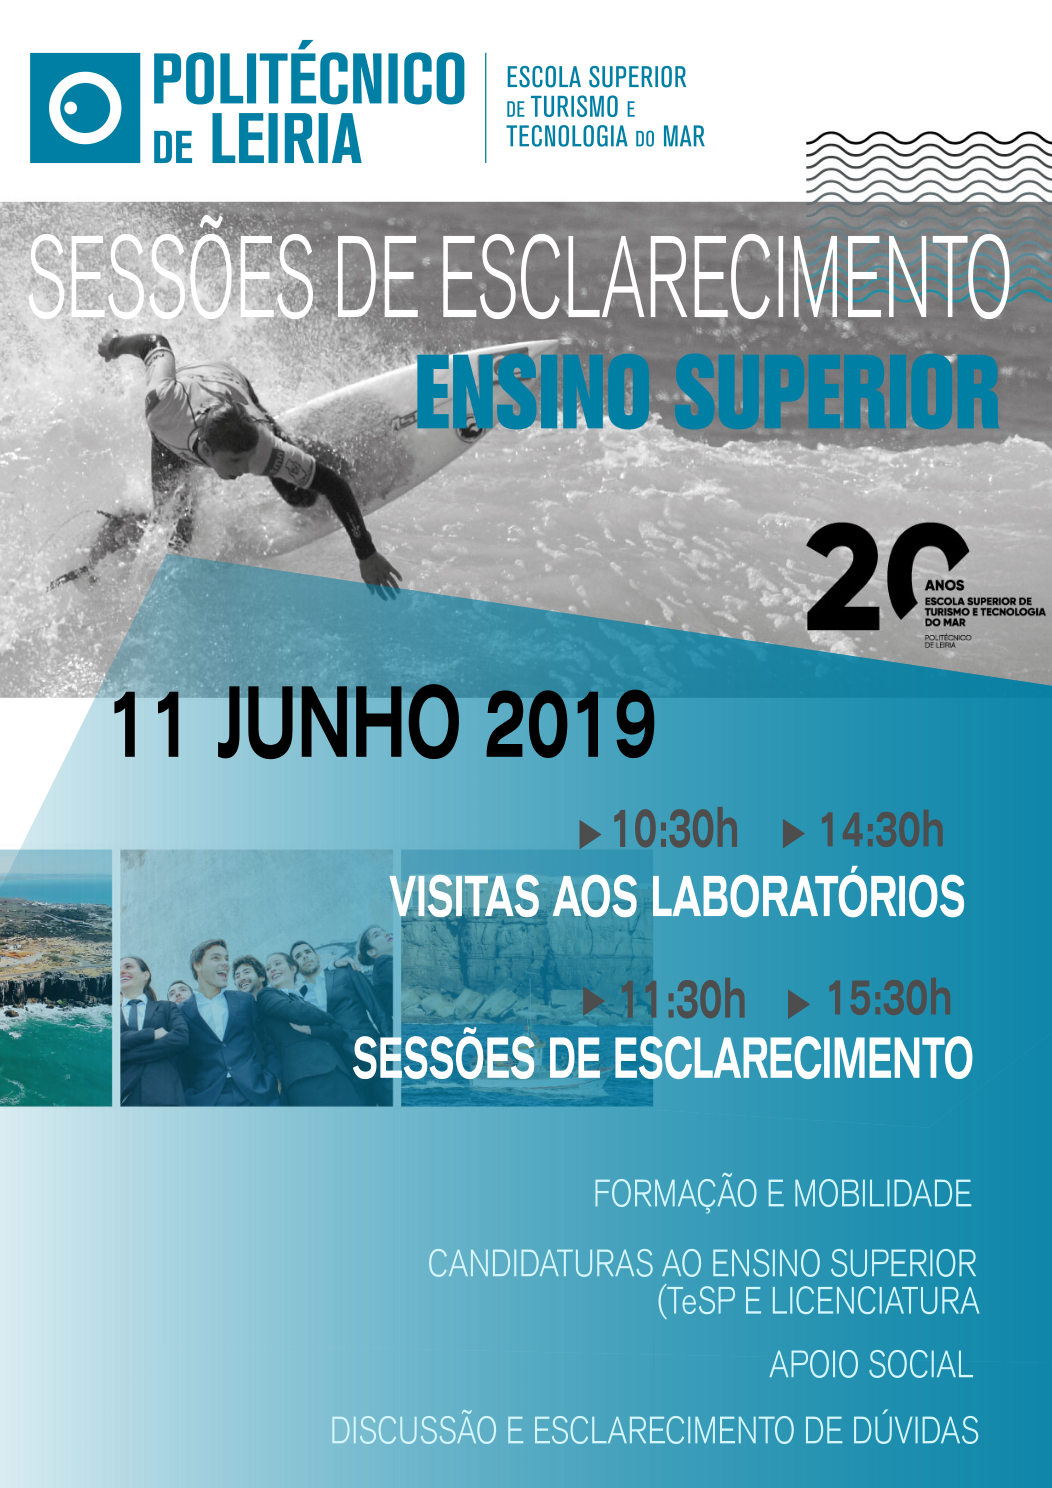 SESSÃO_ESCLARECIMENTO_ENSINO_SUPERIOR_JUNHO_2019_3